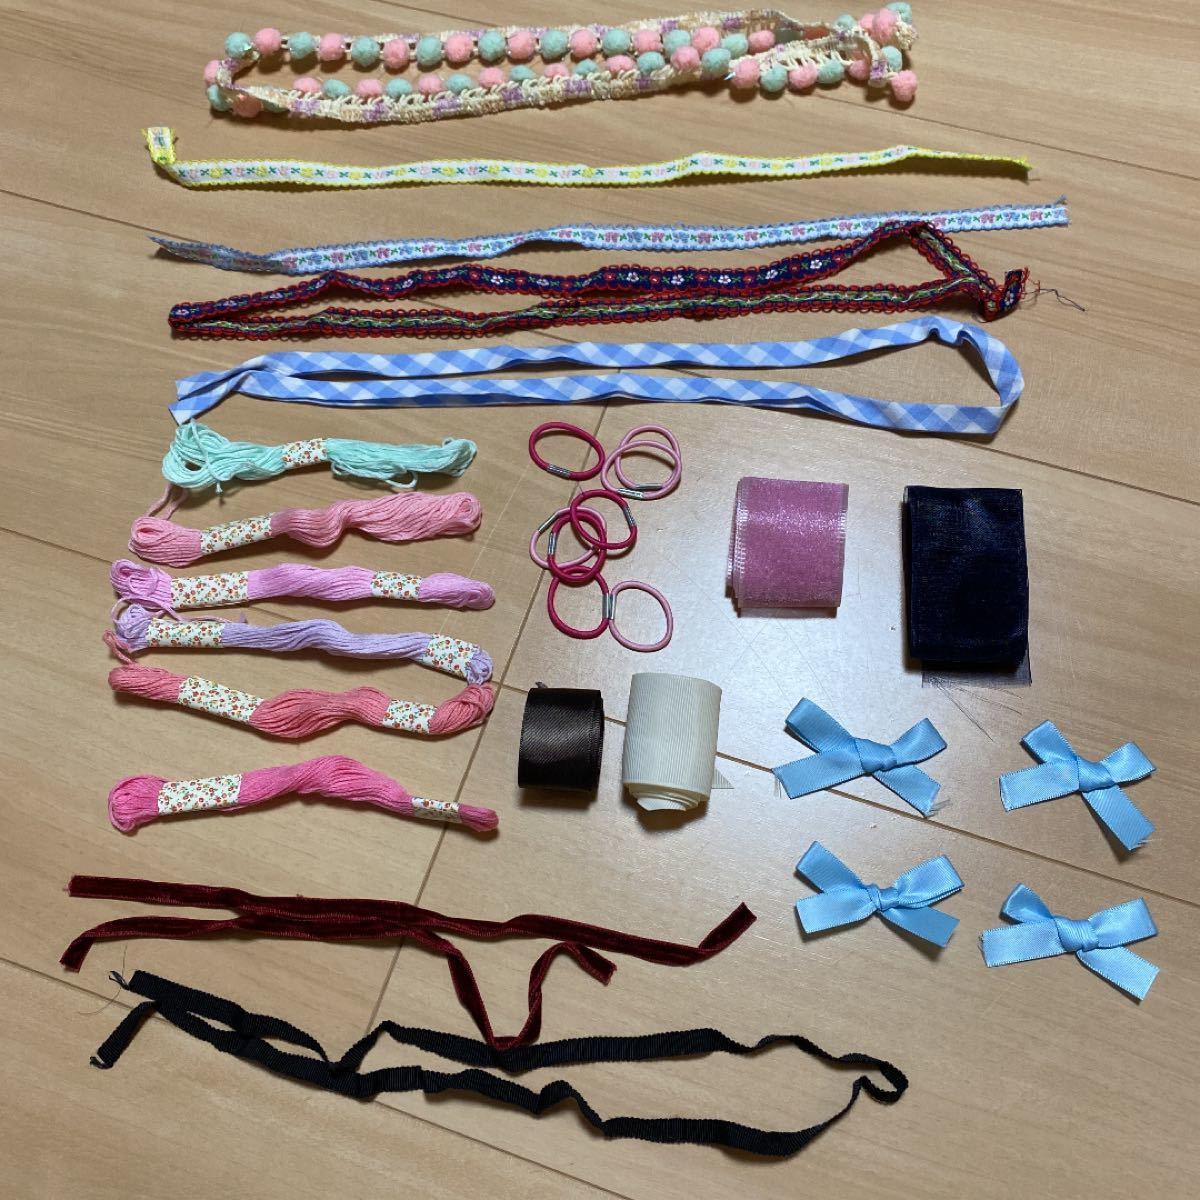 ハンドメイド材料 ハンドメイド資材  はぎれ レース 手芸用品 詰め合わせ リボン 刺繍糸 チロリアンテープ バイアステープ